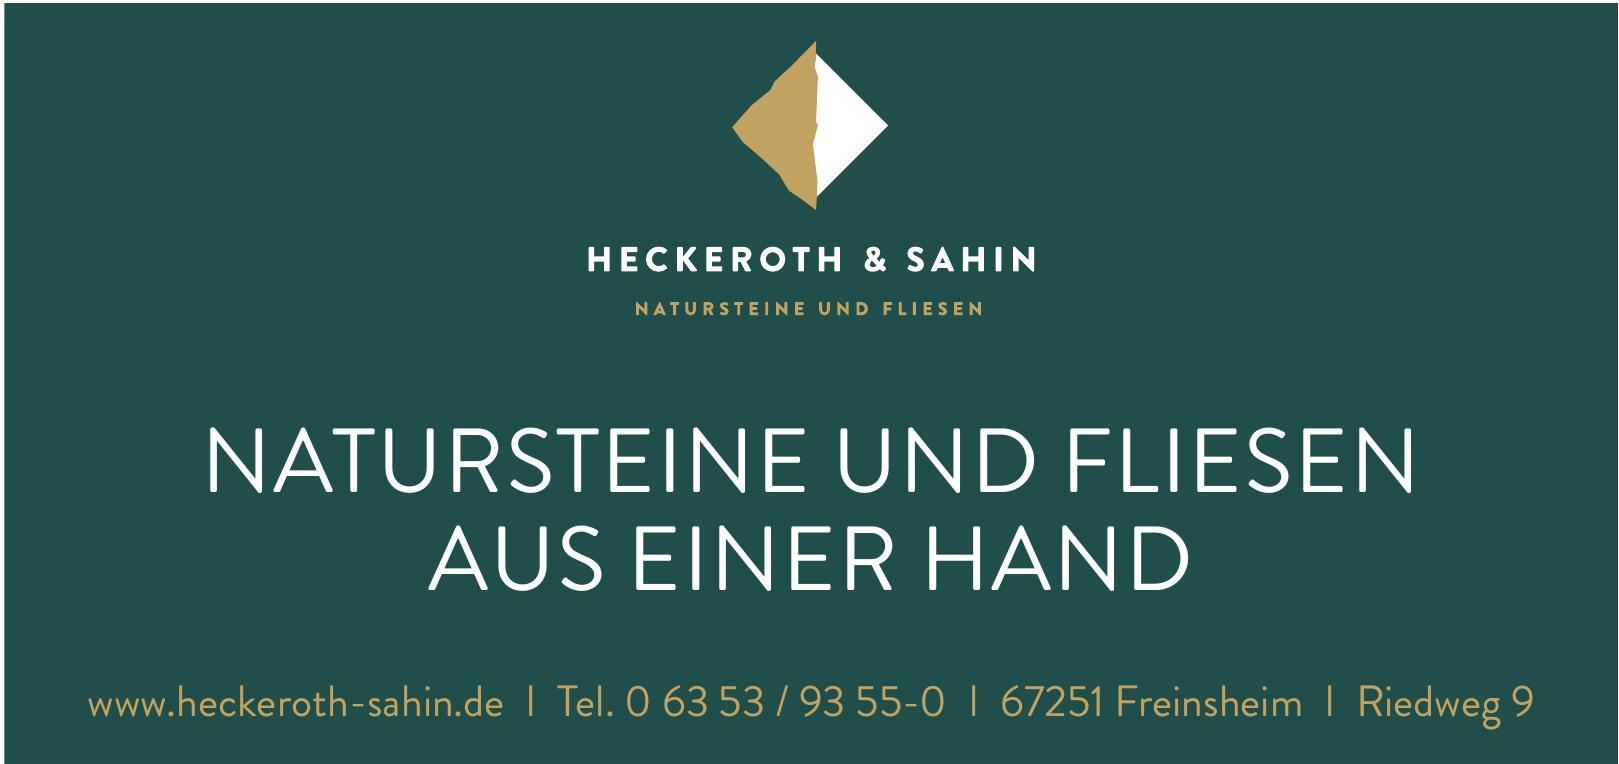 Heckeroth & Sahin